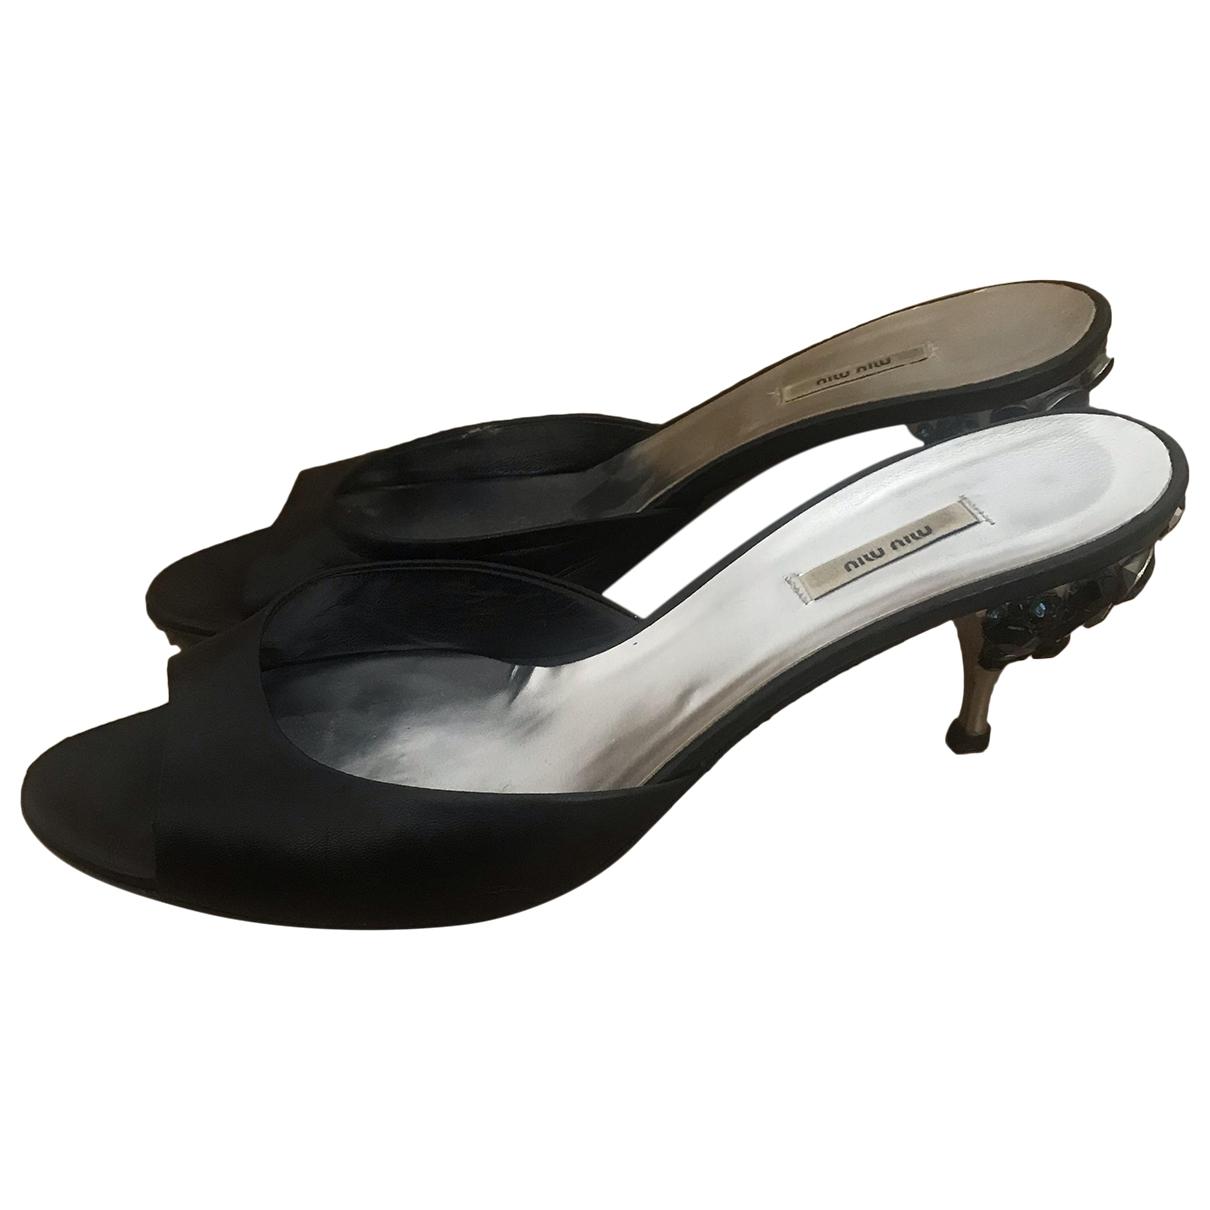 Miu Miu \N Black Patent leather Sandals for Women 36.5 EU